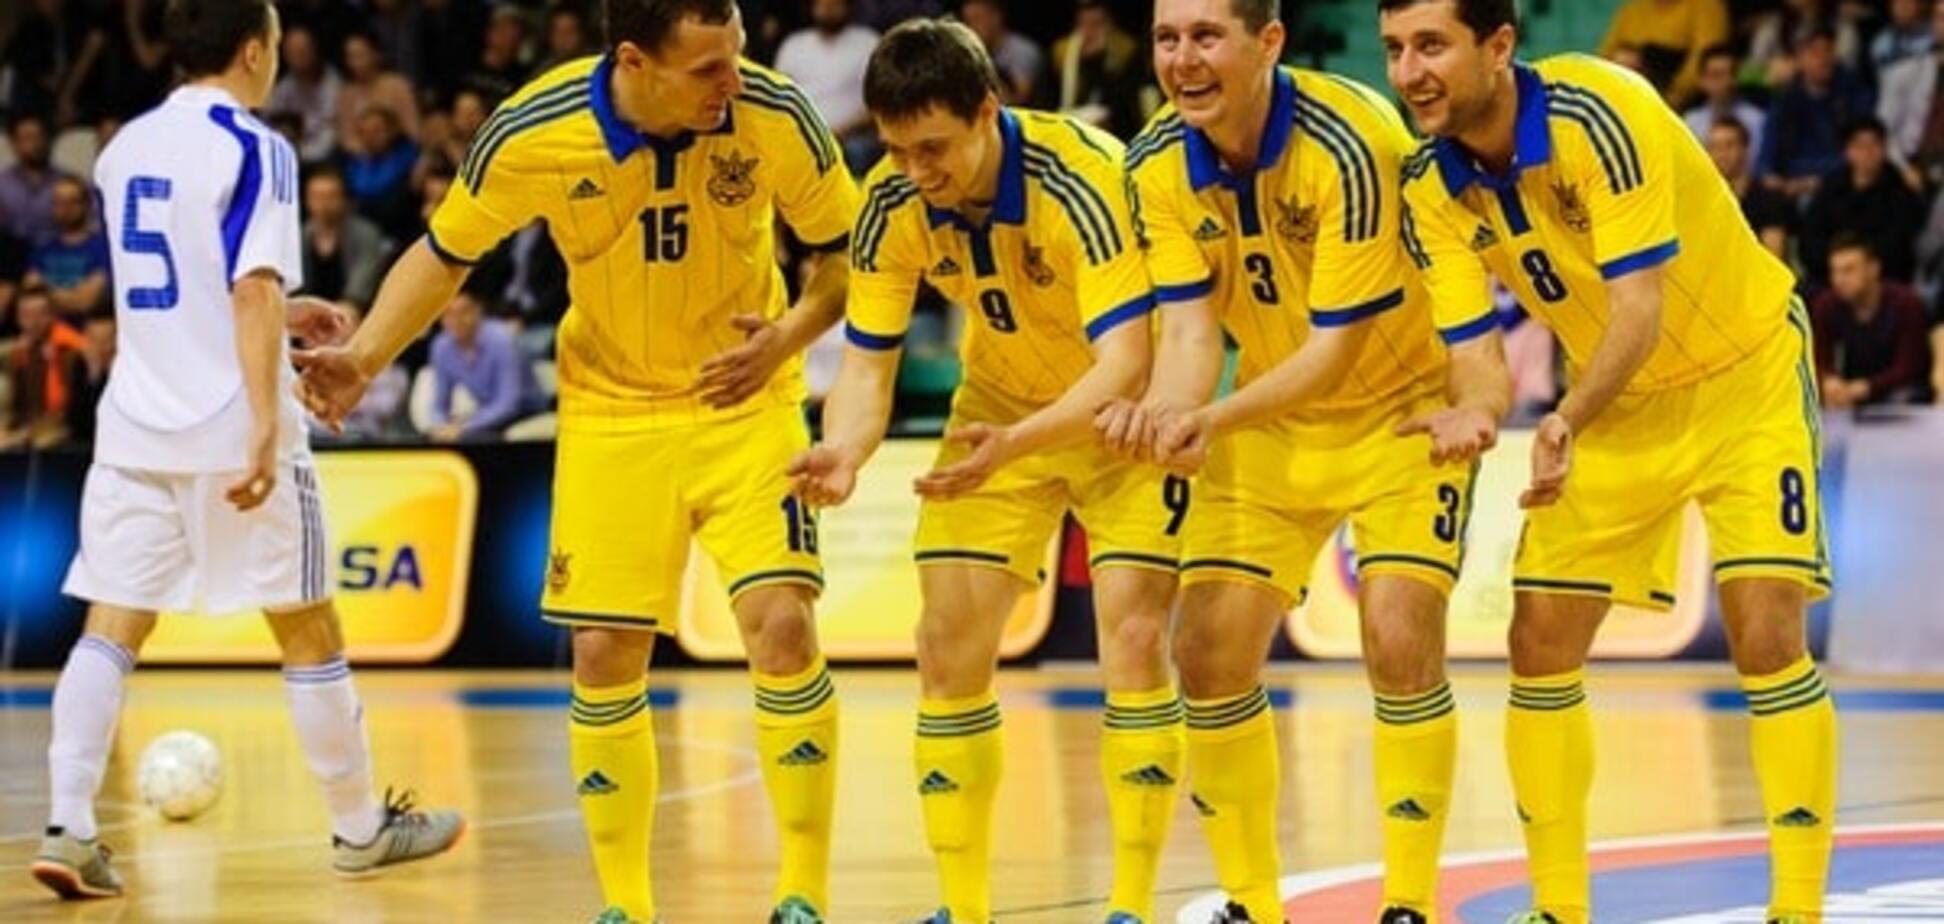 Де дивитися Україна - Словаччина: розклад трансляцій плей-офф чемпіонату світу з футзалу